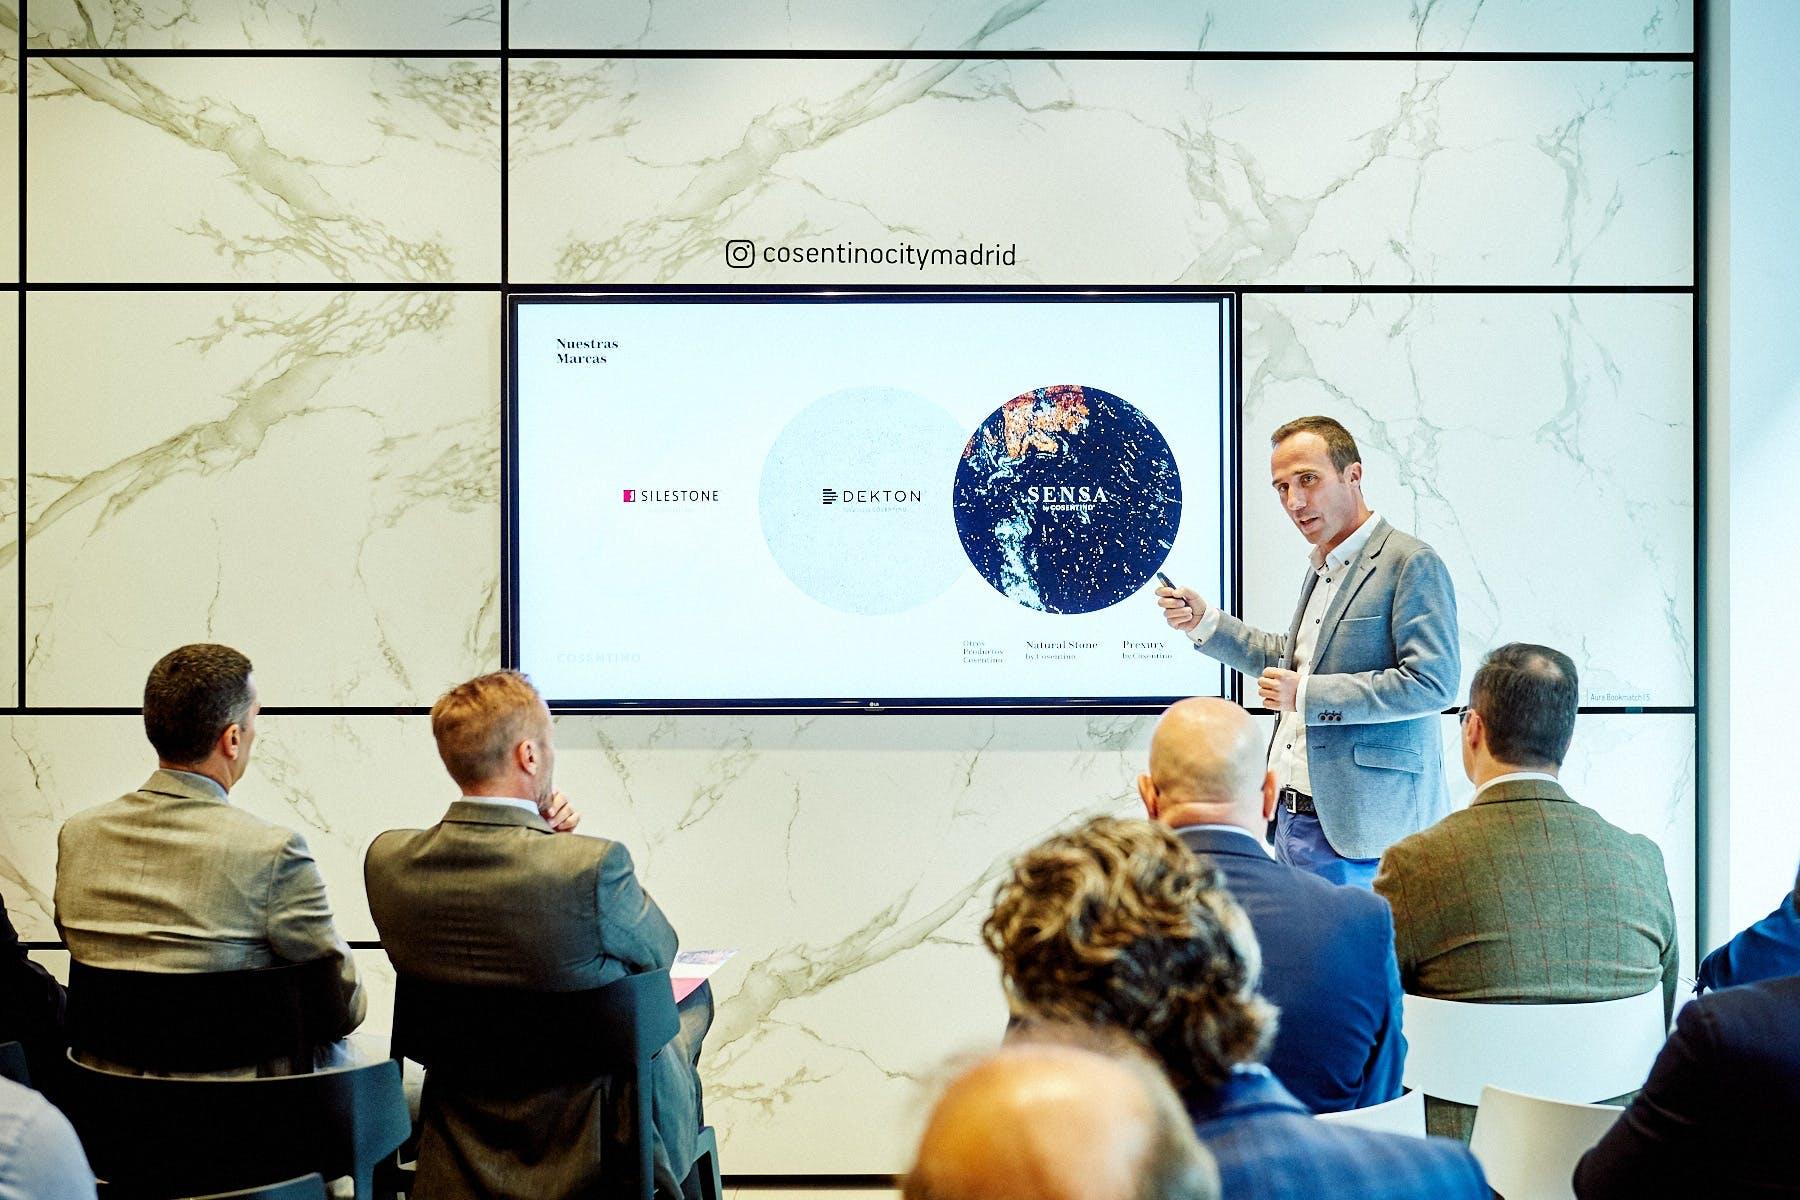 Image of Julio Martin Cosentino City Madrid 1 in Cosentino talks about the future of Purchasing - Cosentino